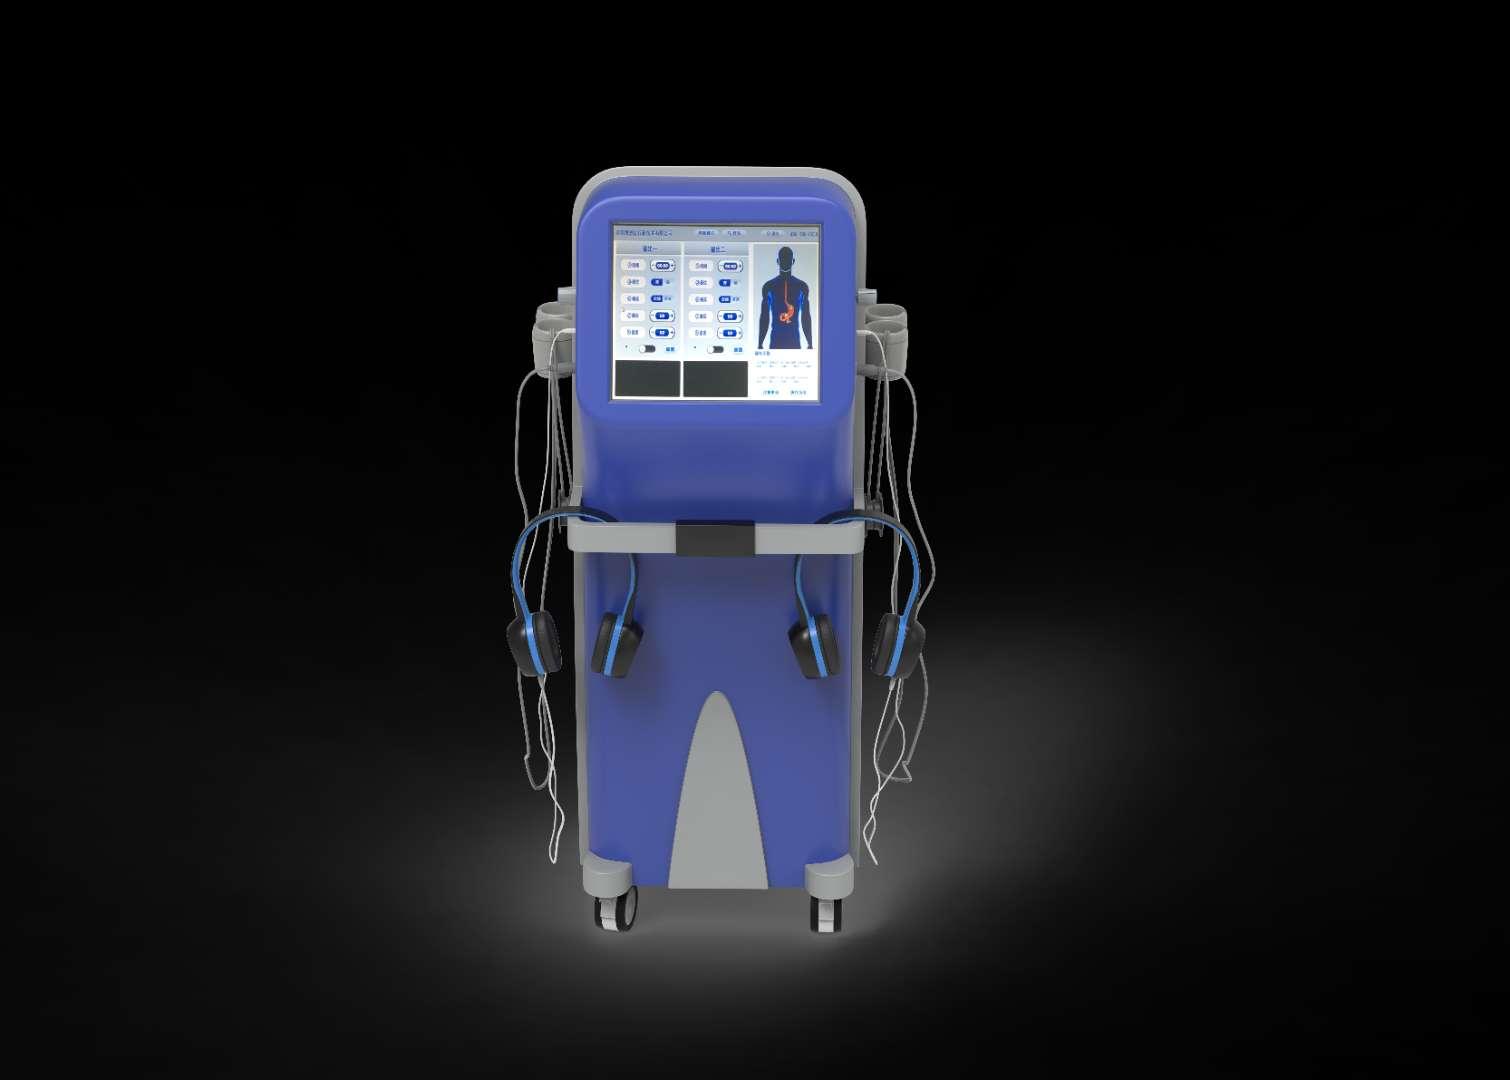 兢仁医疗胃肠动力治疗仪数码多功能治疗仪采用音频电技术